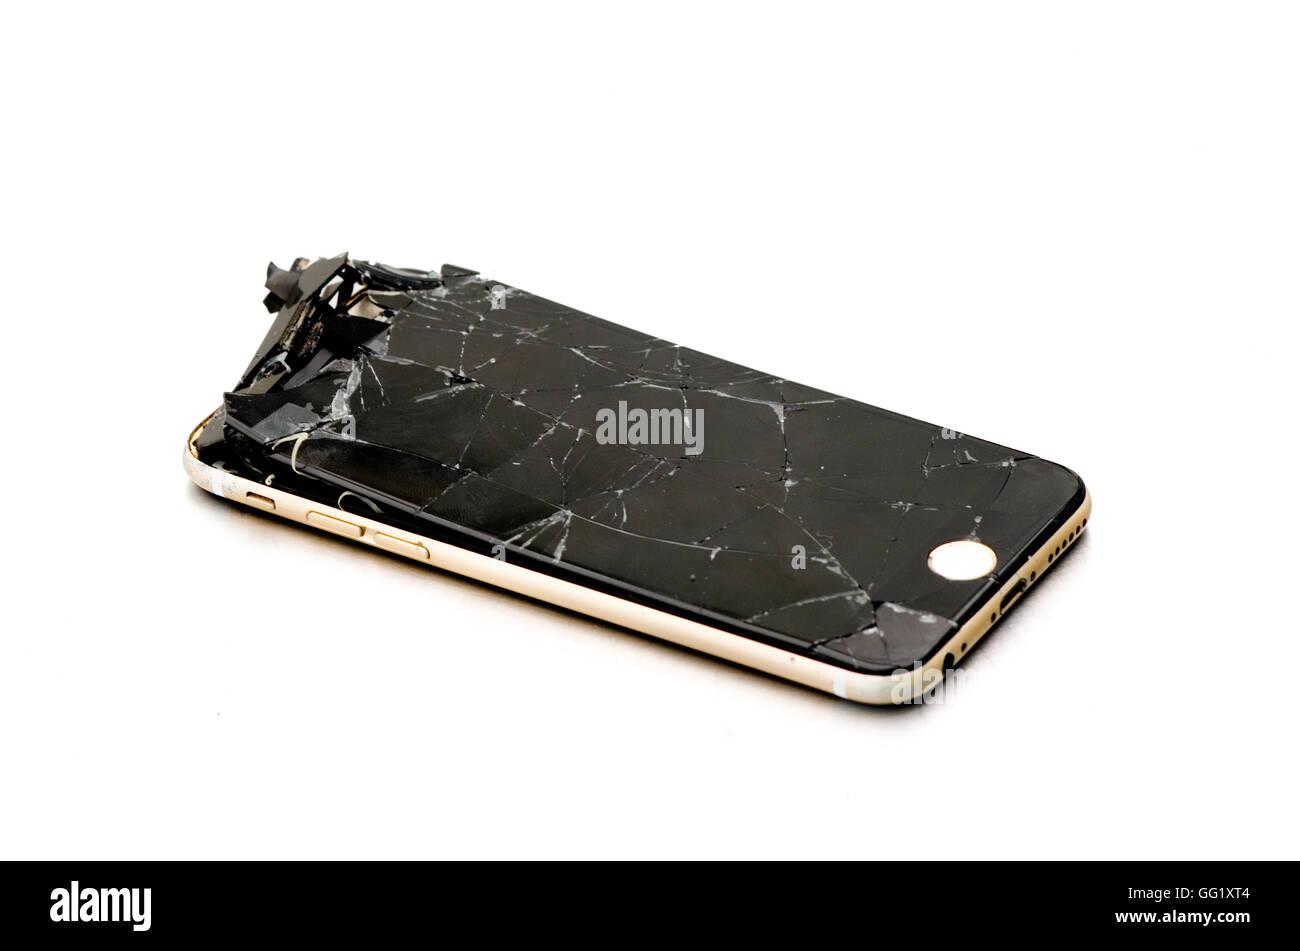 Lasciato cadere i-Phone 6 sul serio con schermo rotto! Immagini Stock